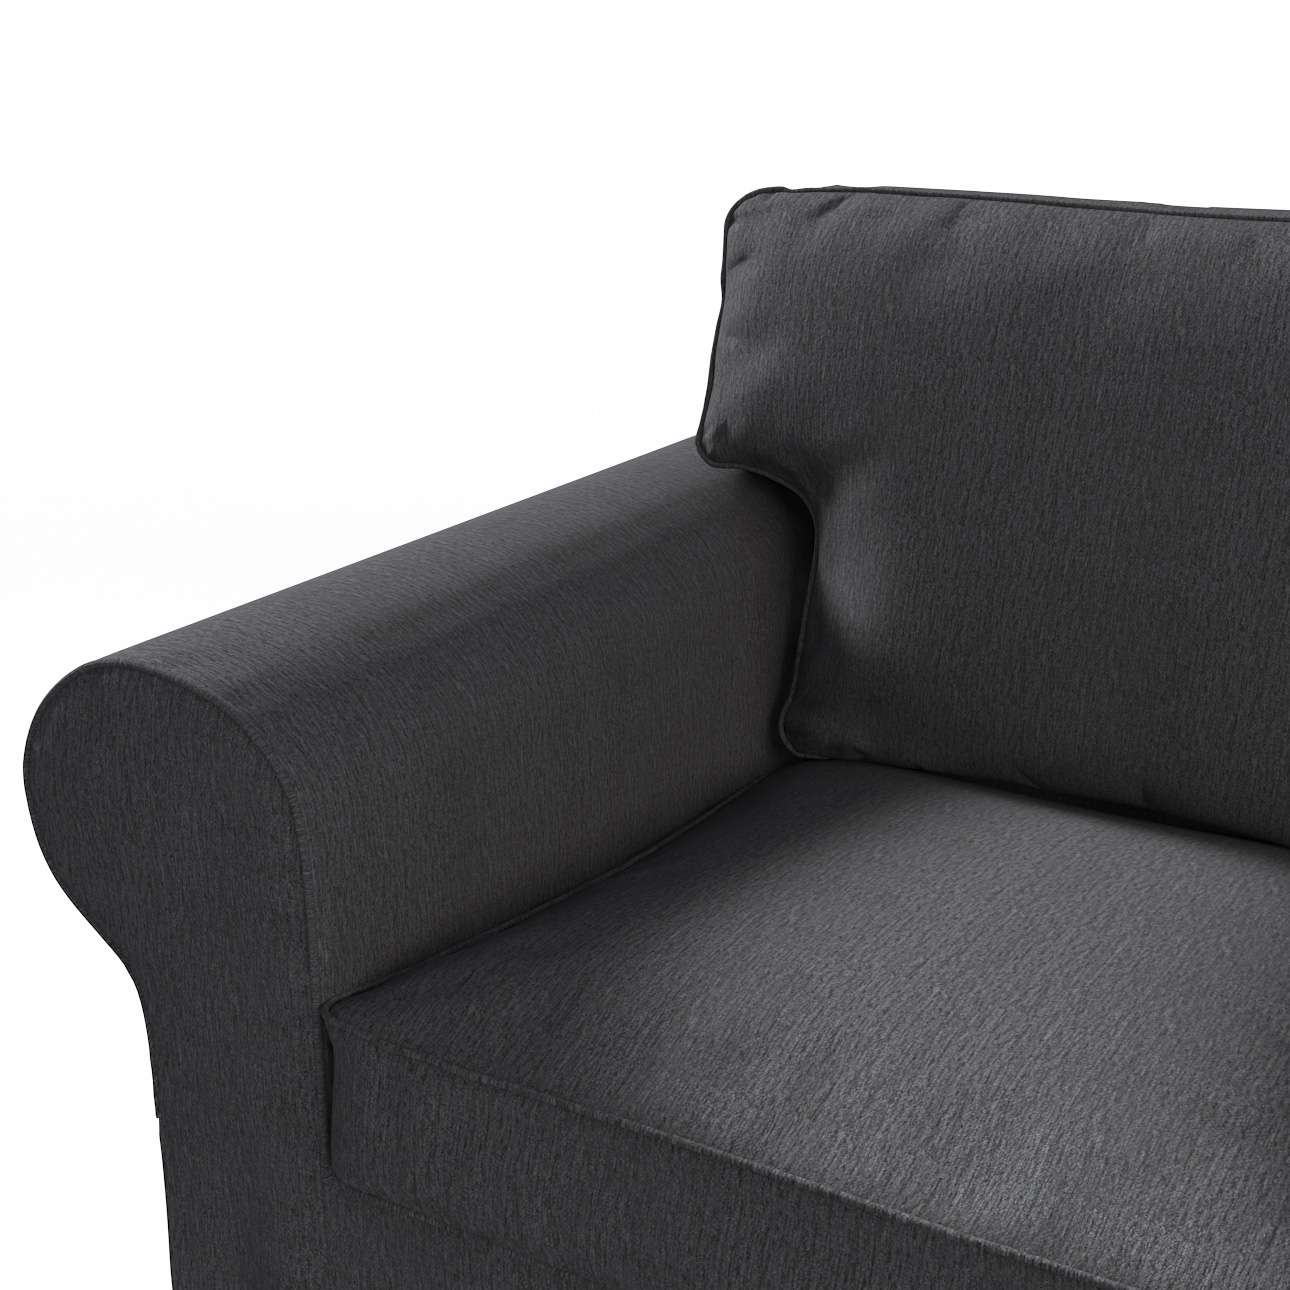 Pokrowiec na sofę Ektorp 3-osobową, rozkładaną NOWY MODEL 2013 w kolekcji Chenille, tkanina: 702-20